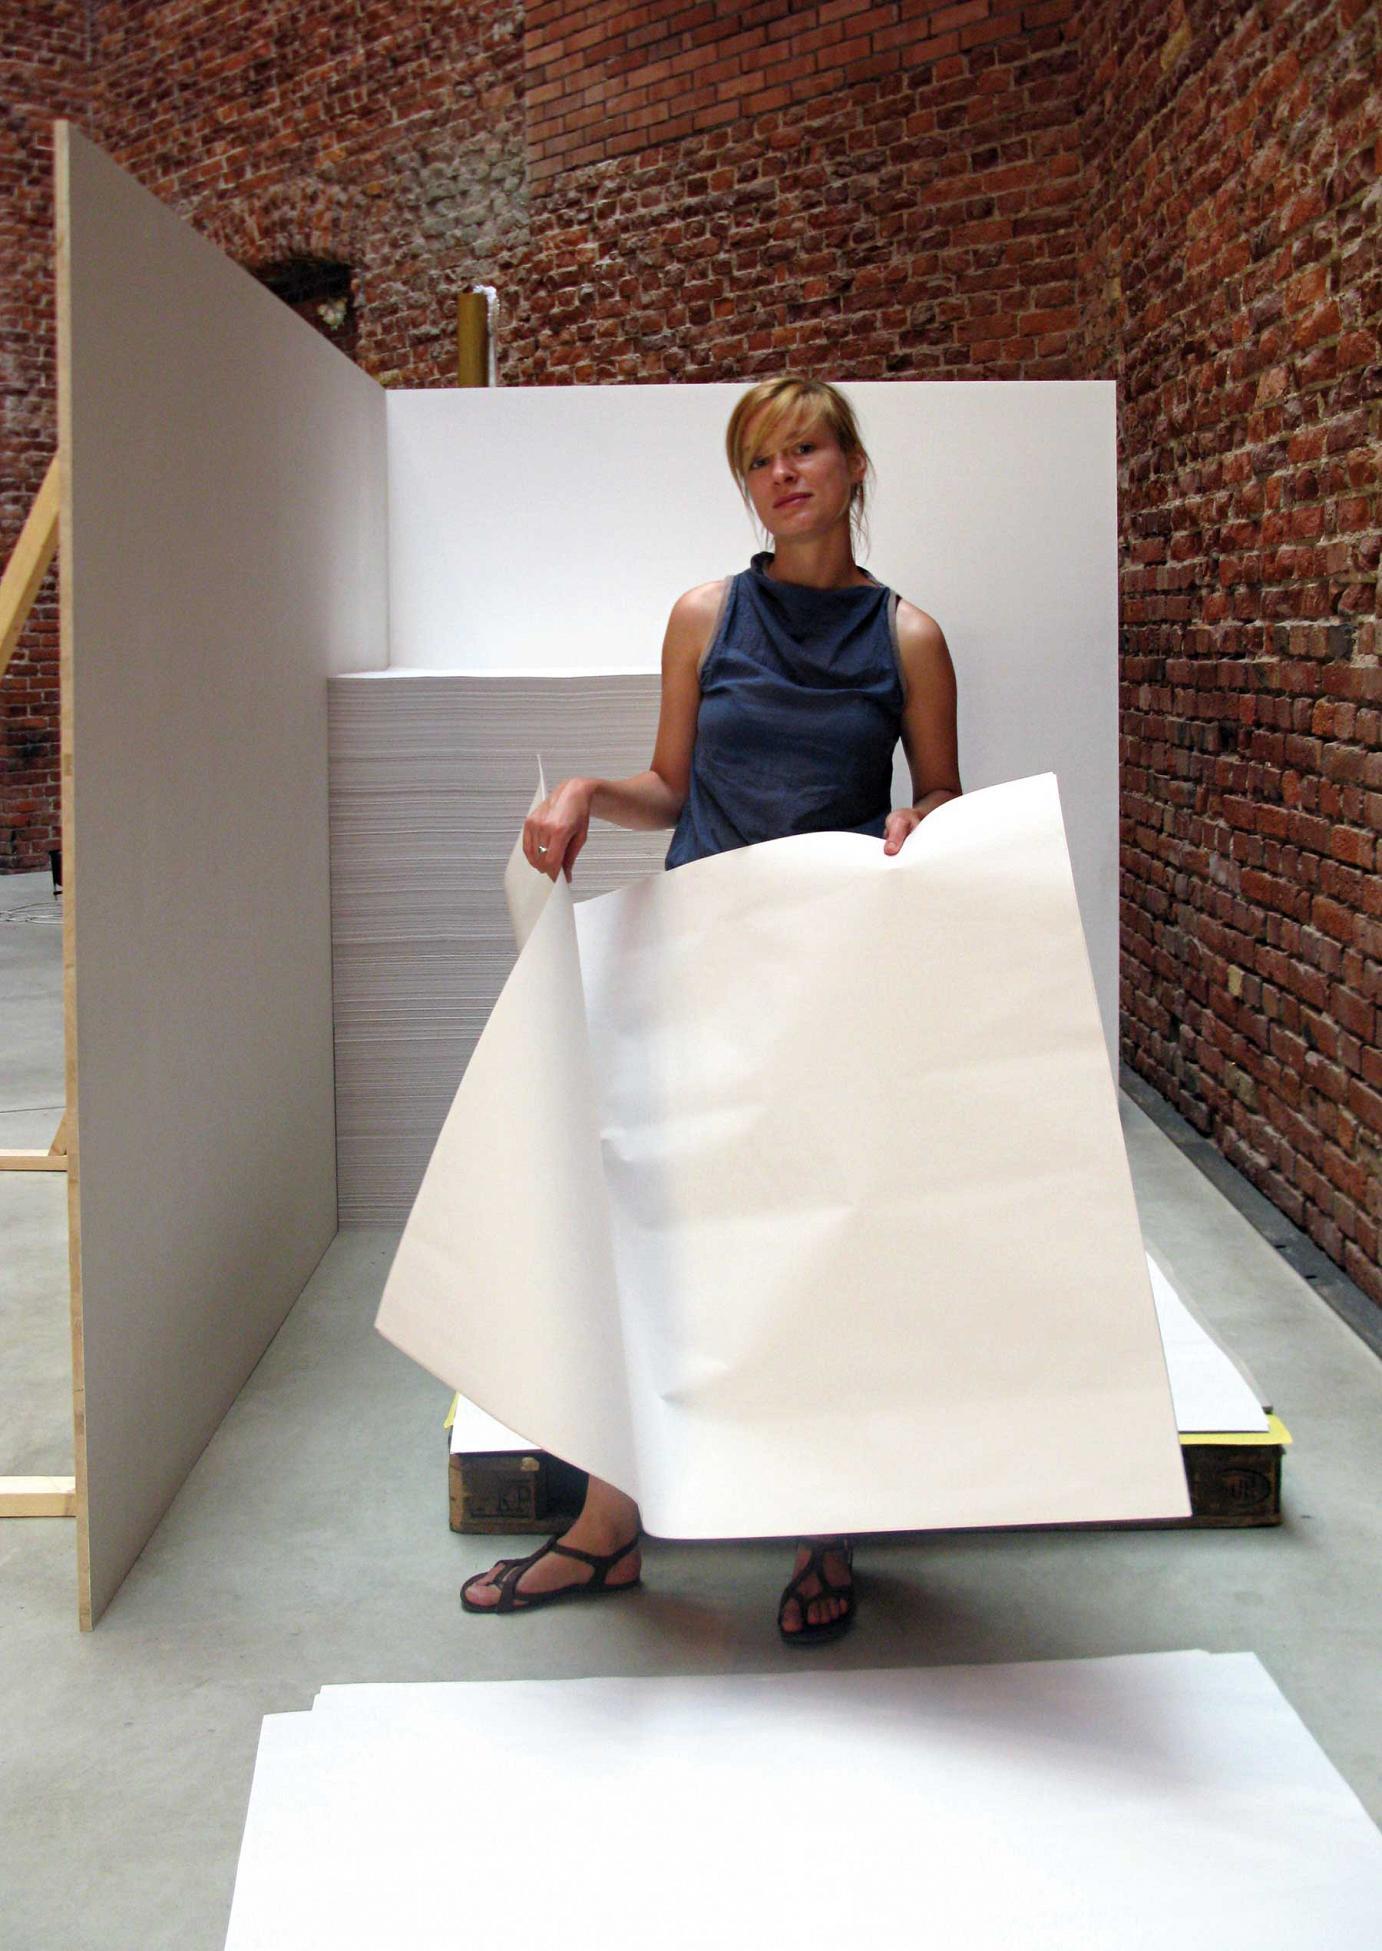 Juliane bereitet ihre Performance für die Diplomausstellung vor. 15?000 Bögen Papier gilt es dann Blatt für Blatt umzustapeln.